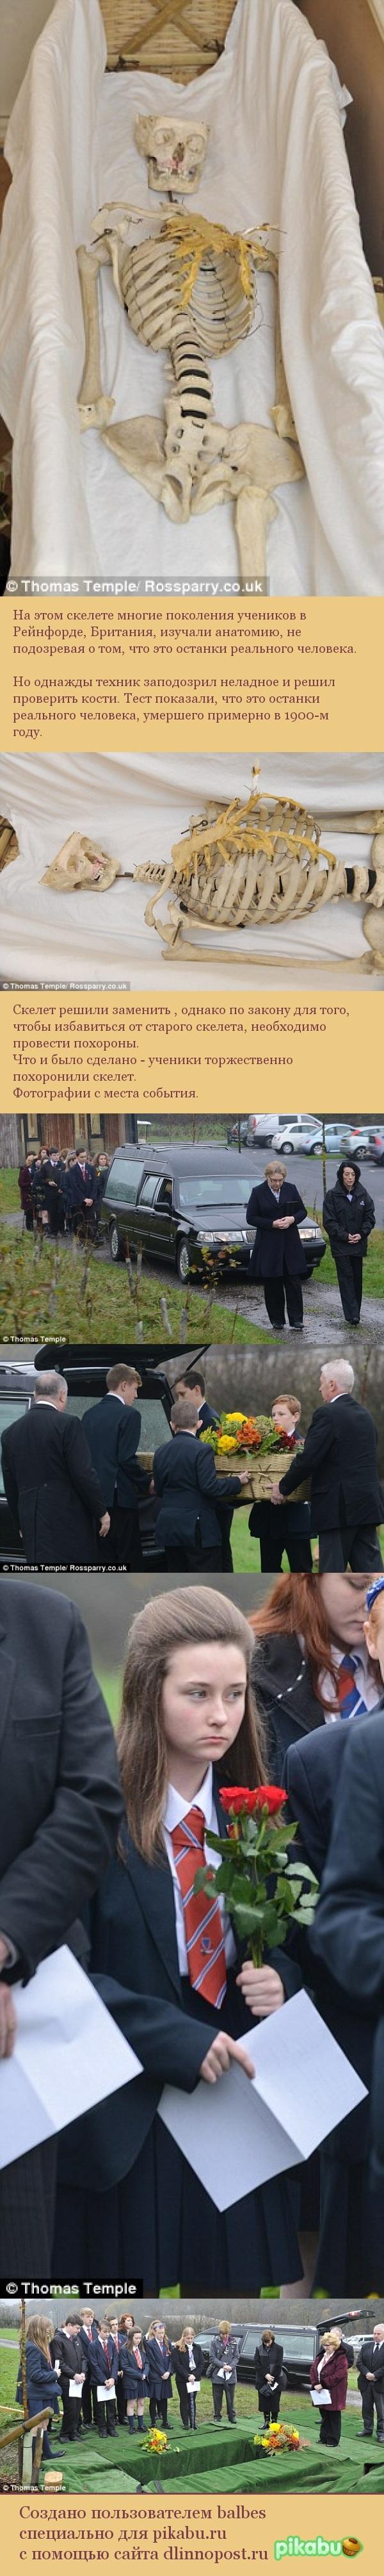 Похороны учебного скелета. Похороны, Великобритания, Длиннопост